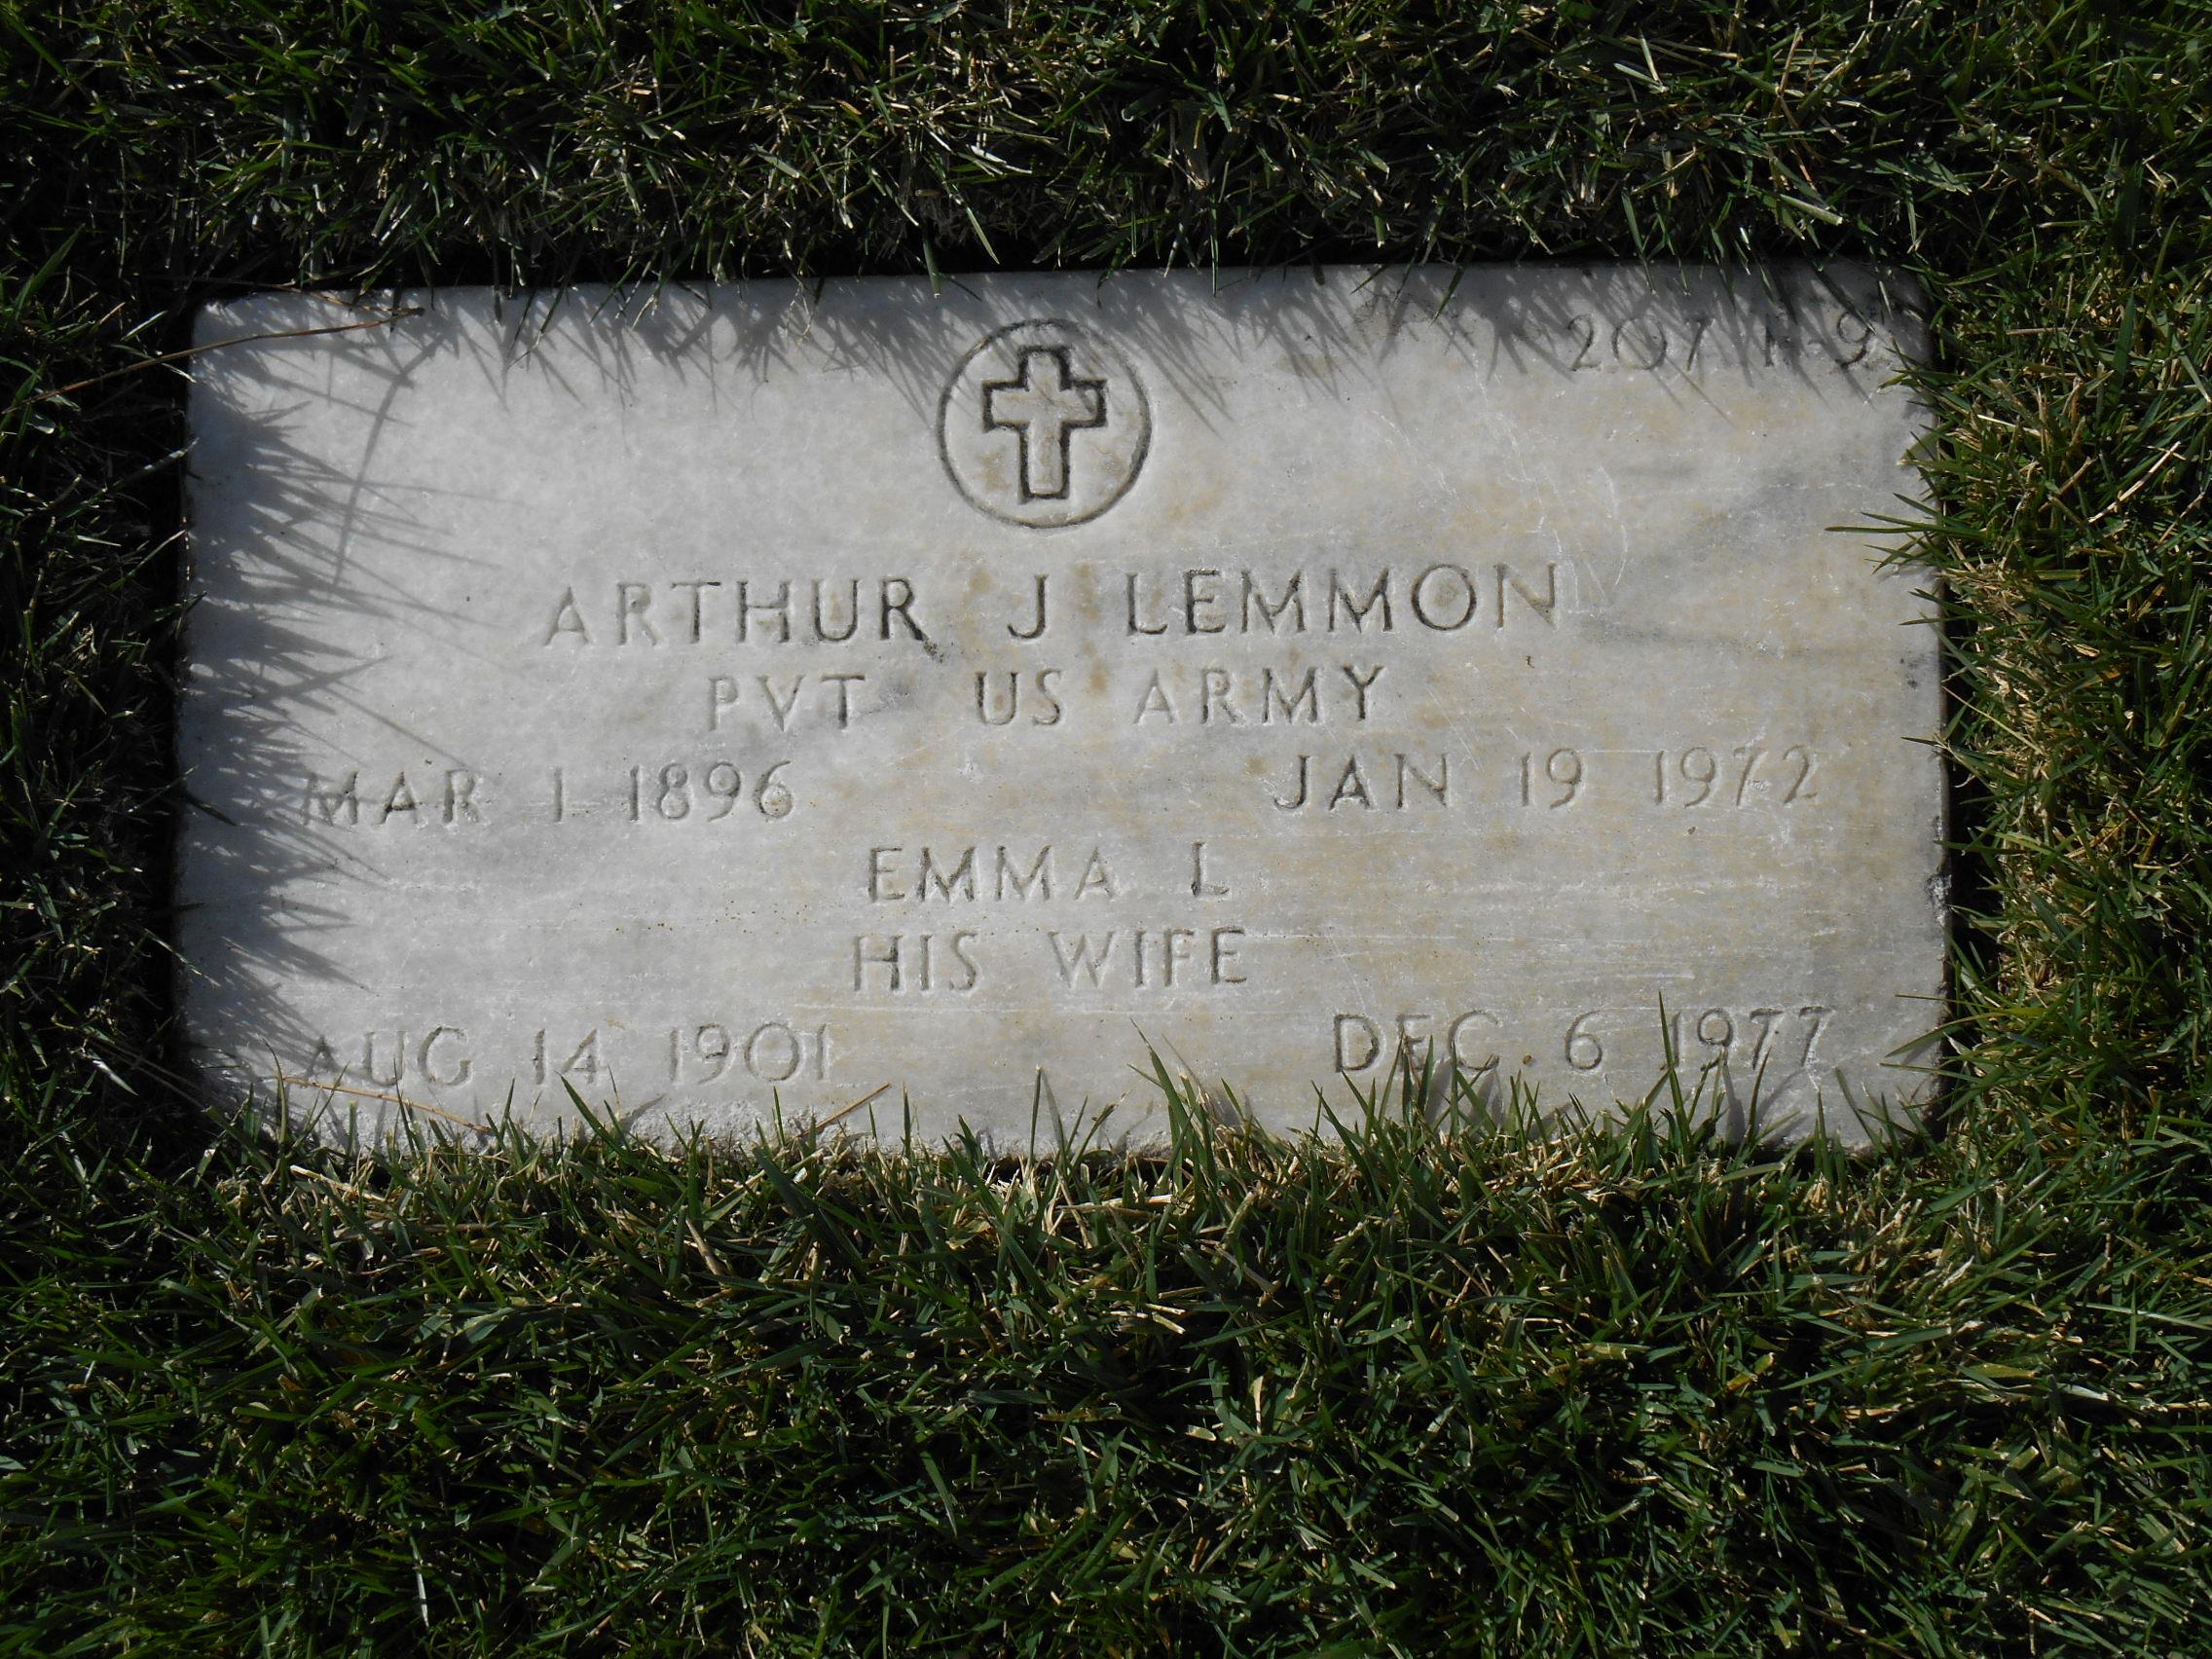 Pvt Arthur J Lemmon